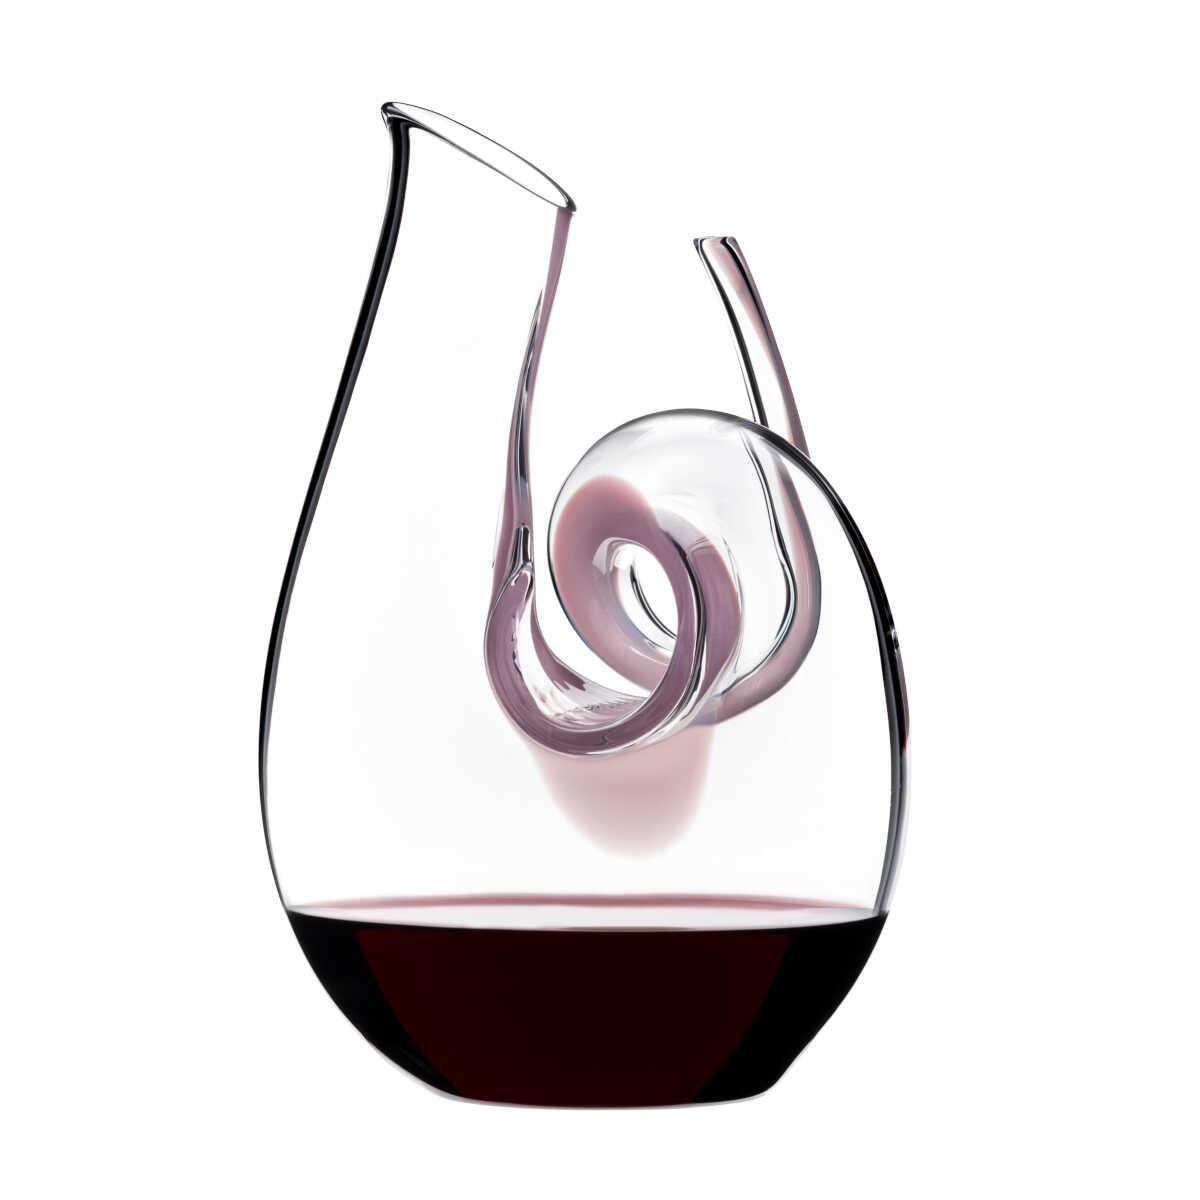 Riedel Glas Dekanter Curly Pink Mini 690 ccm | Küche und Esszimmer > Besteck und Geschirr > Karaffen | Riedel